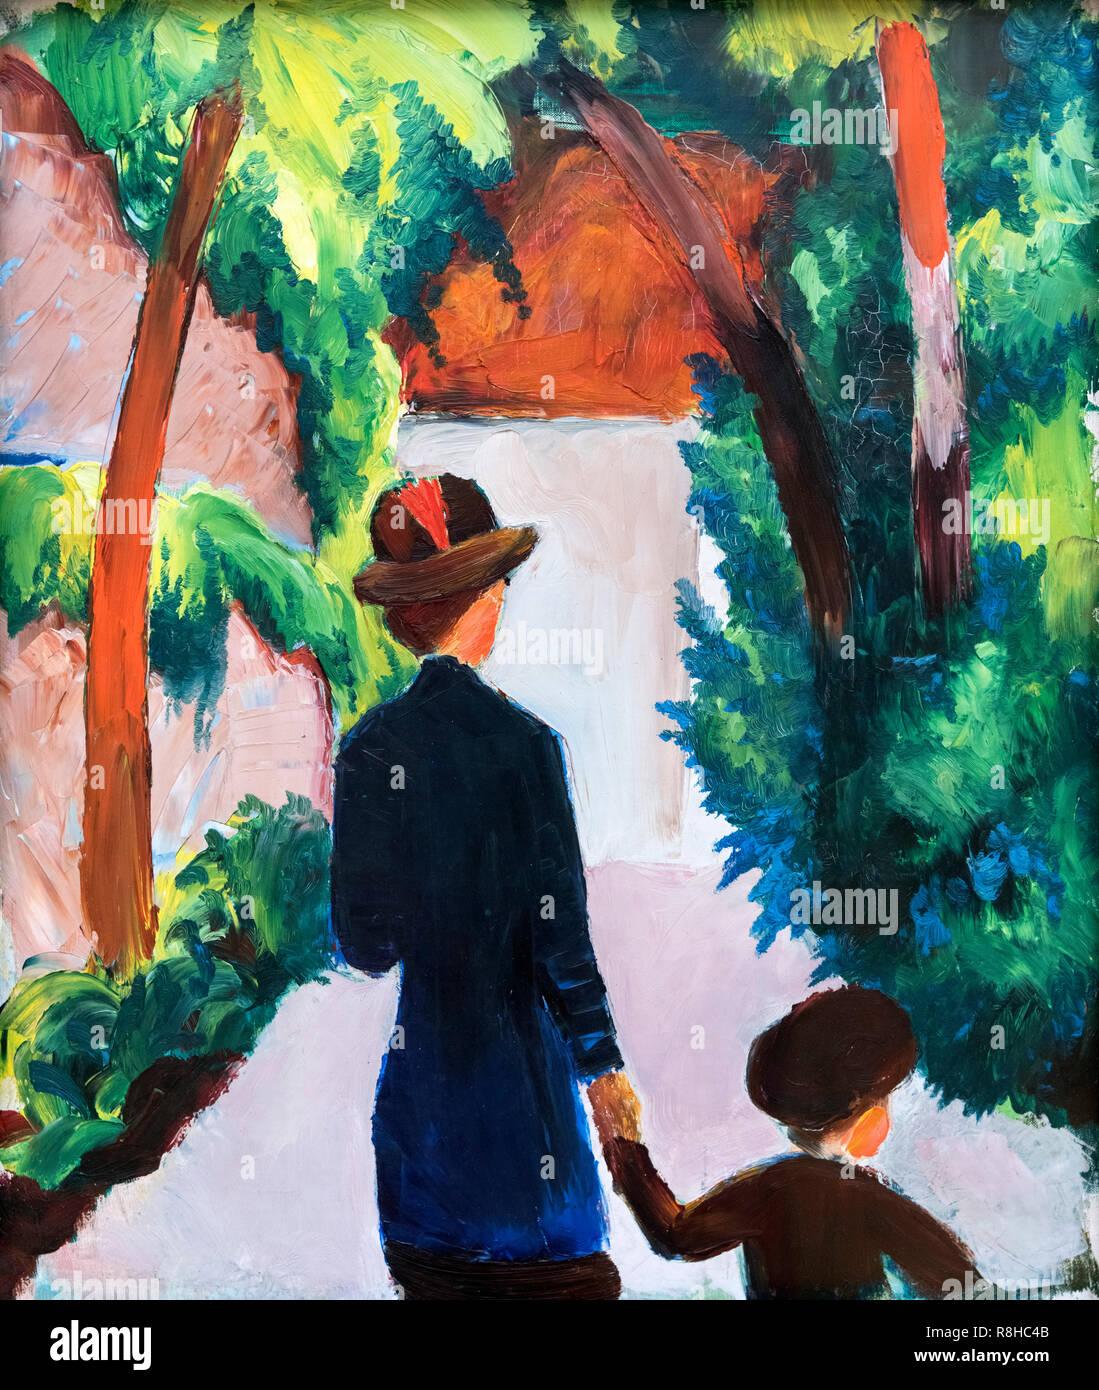 La madre e il bambino nel parco da August Macke (1887-1914), olio su tela su cartone, 1914 Immagini Stock